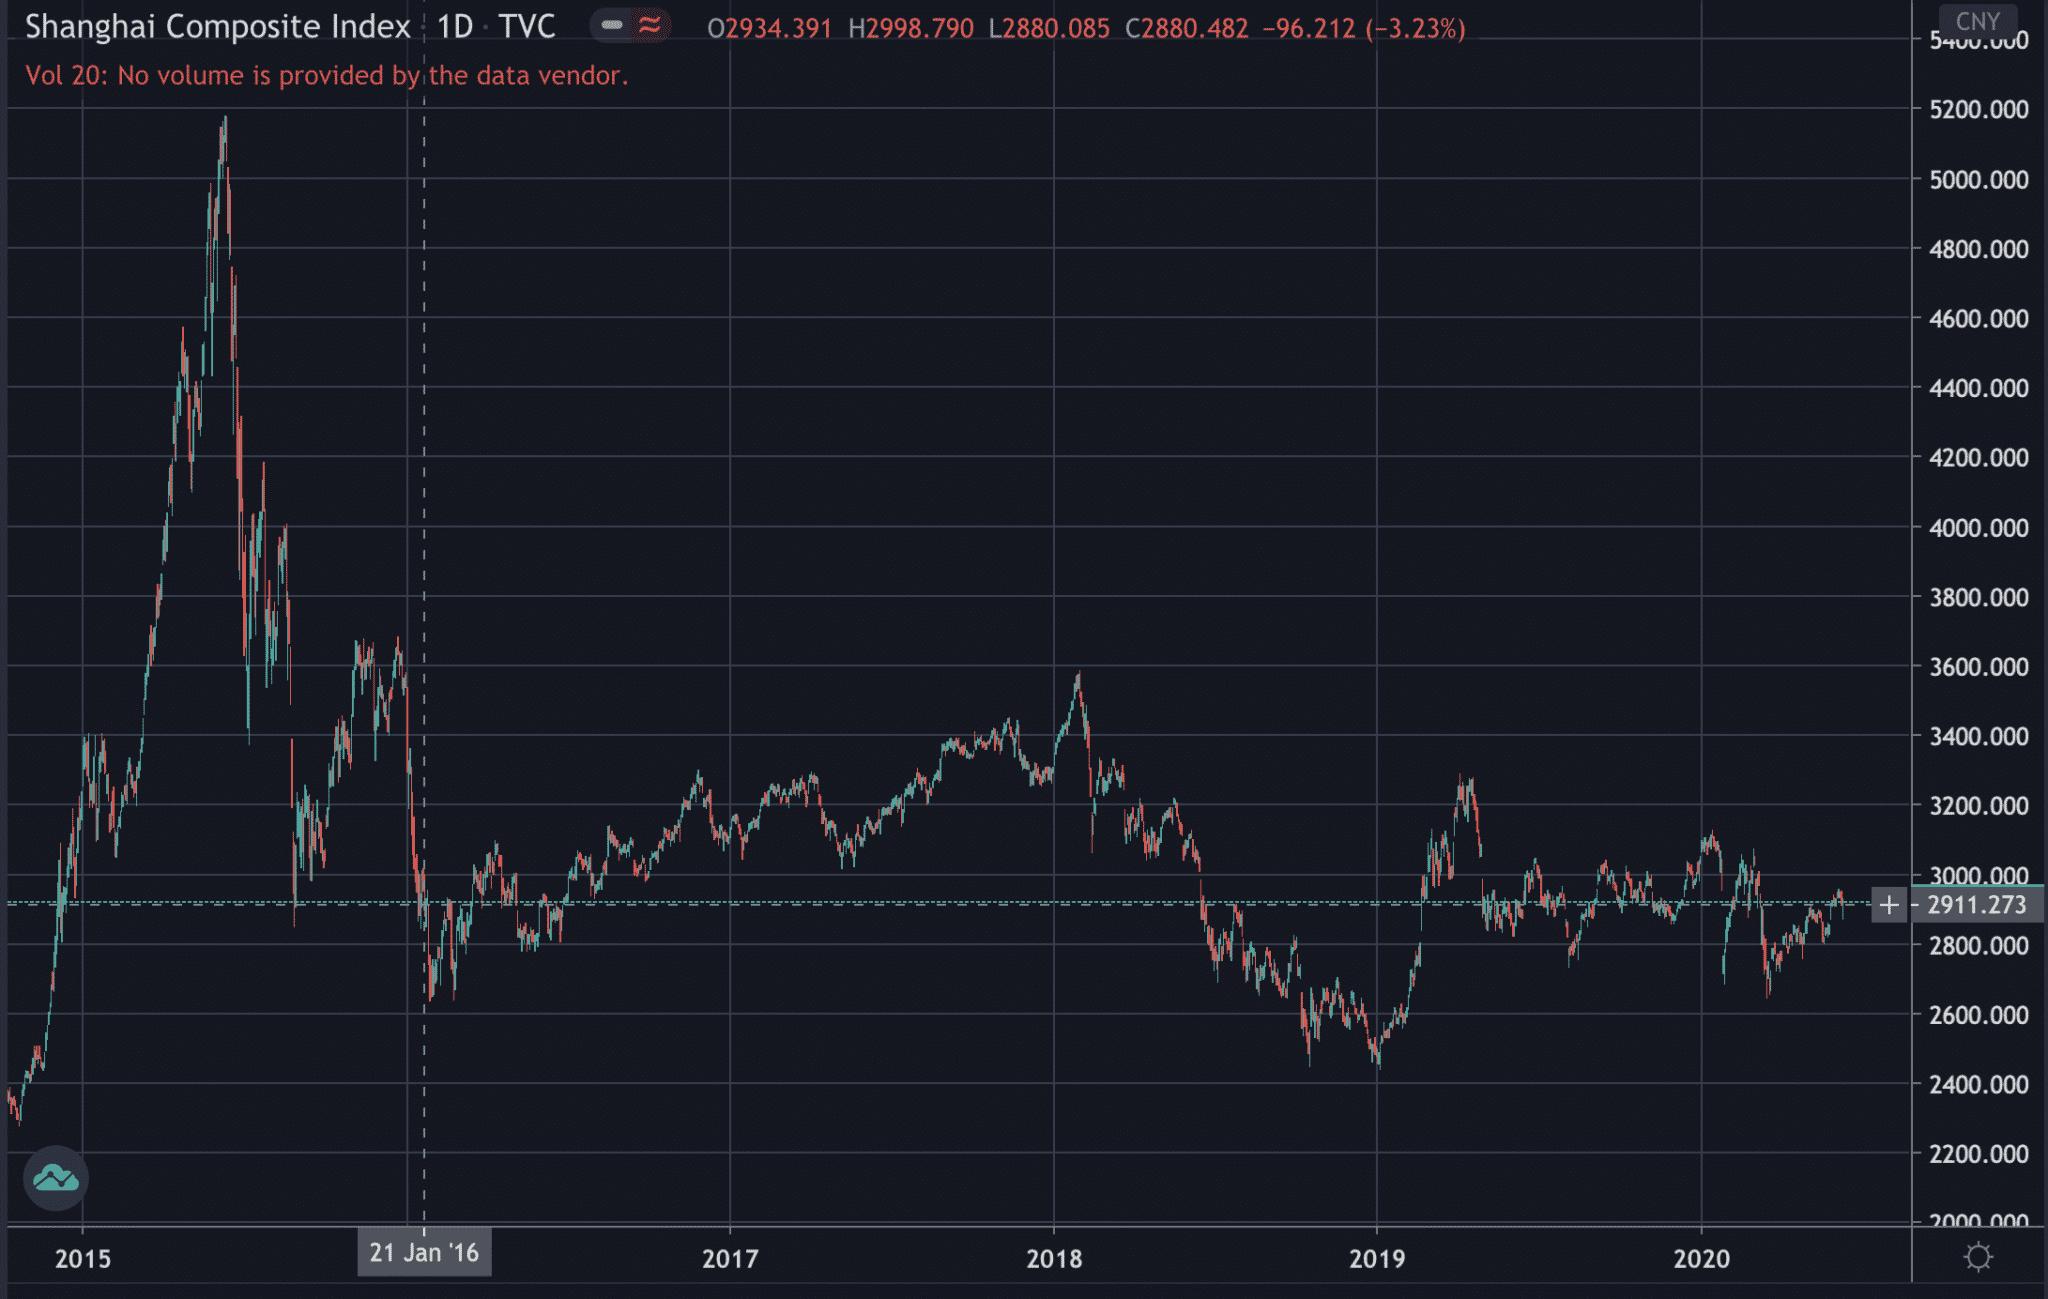 Shanghai stocks, June 2020